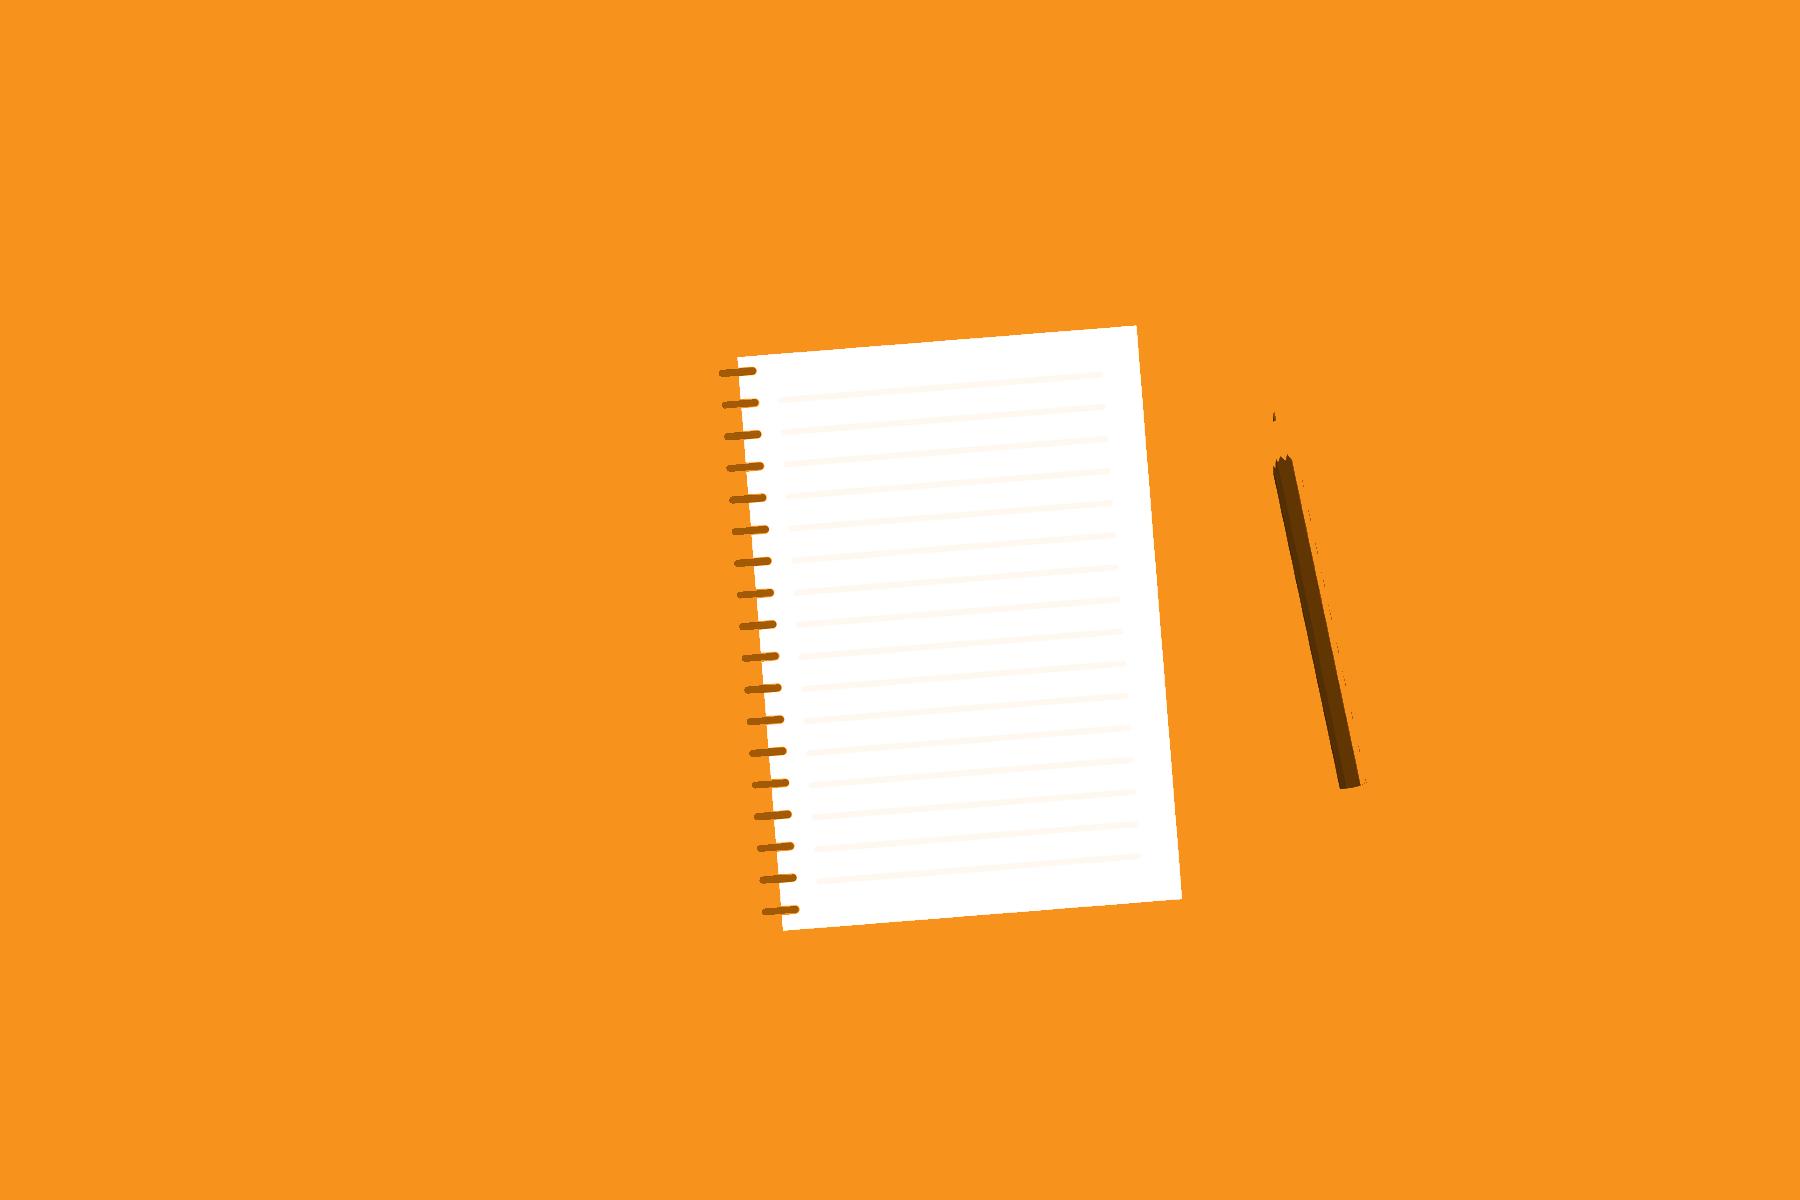 Digitaalisessa piirroksessa muistilehtiö ja kynä oranssilla pohjalla.